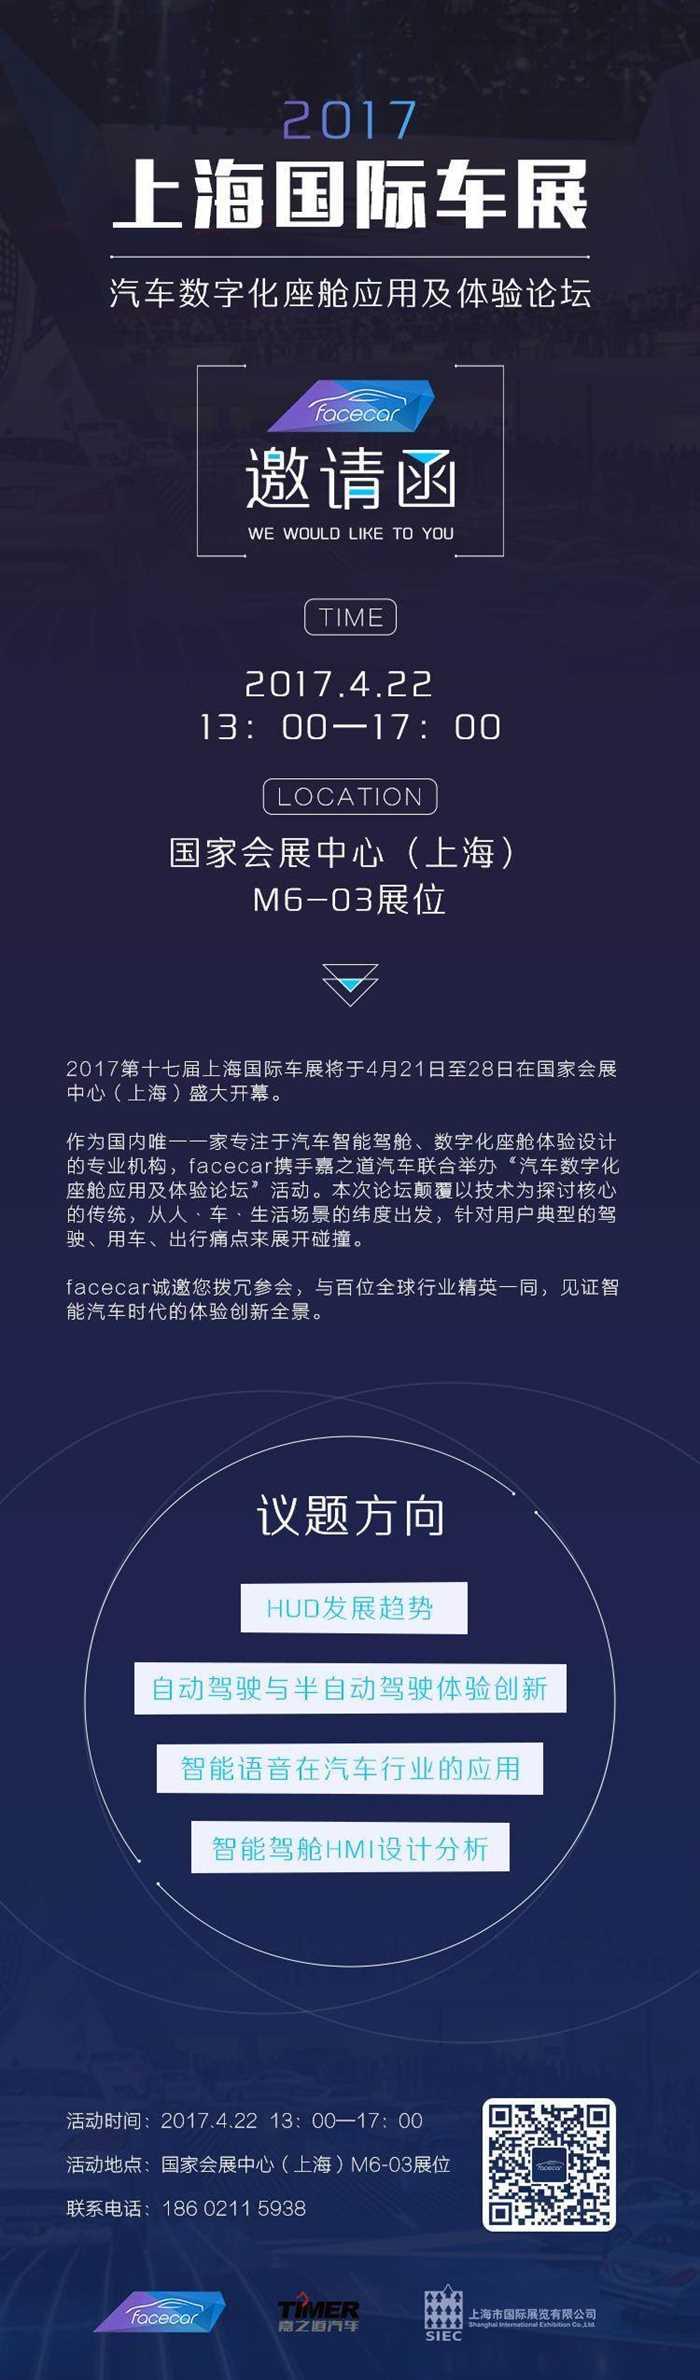 嘉之道合作活动邀请函20170407-11(1).png